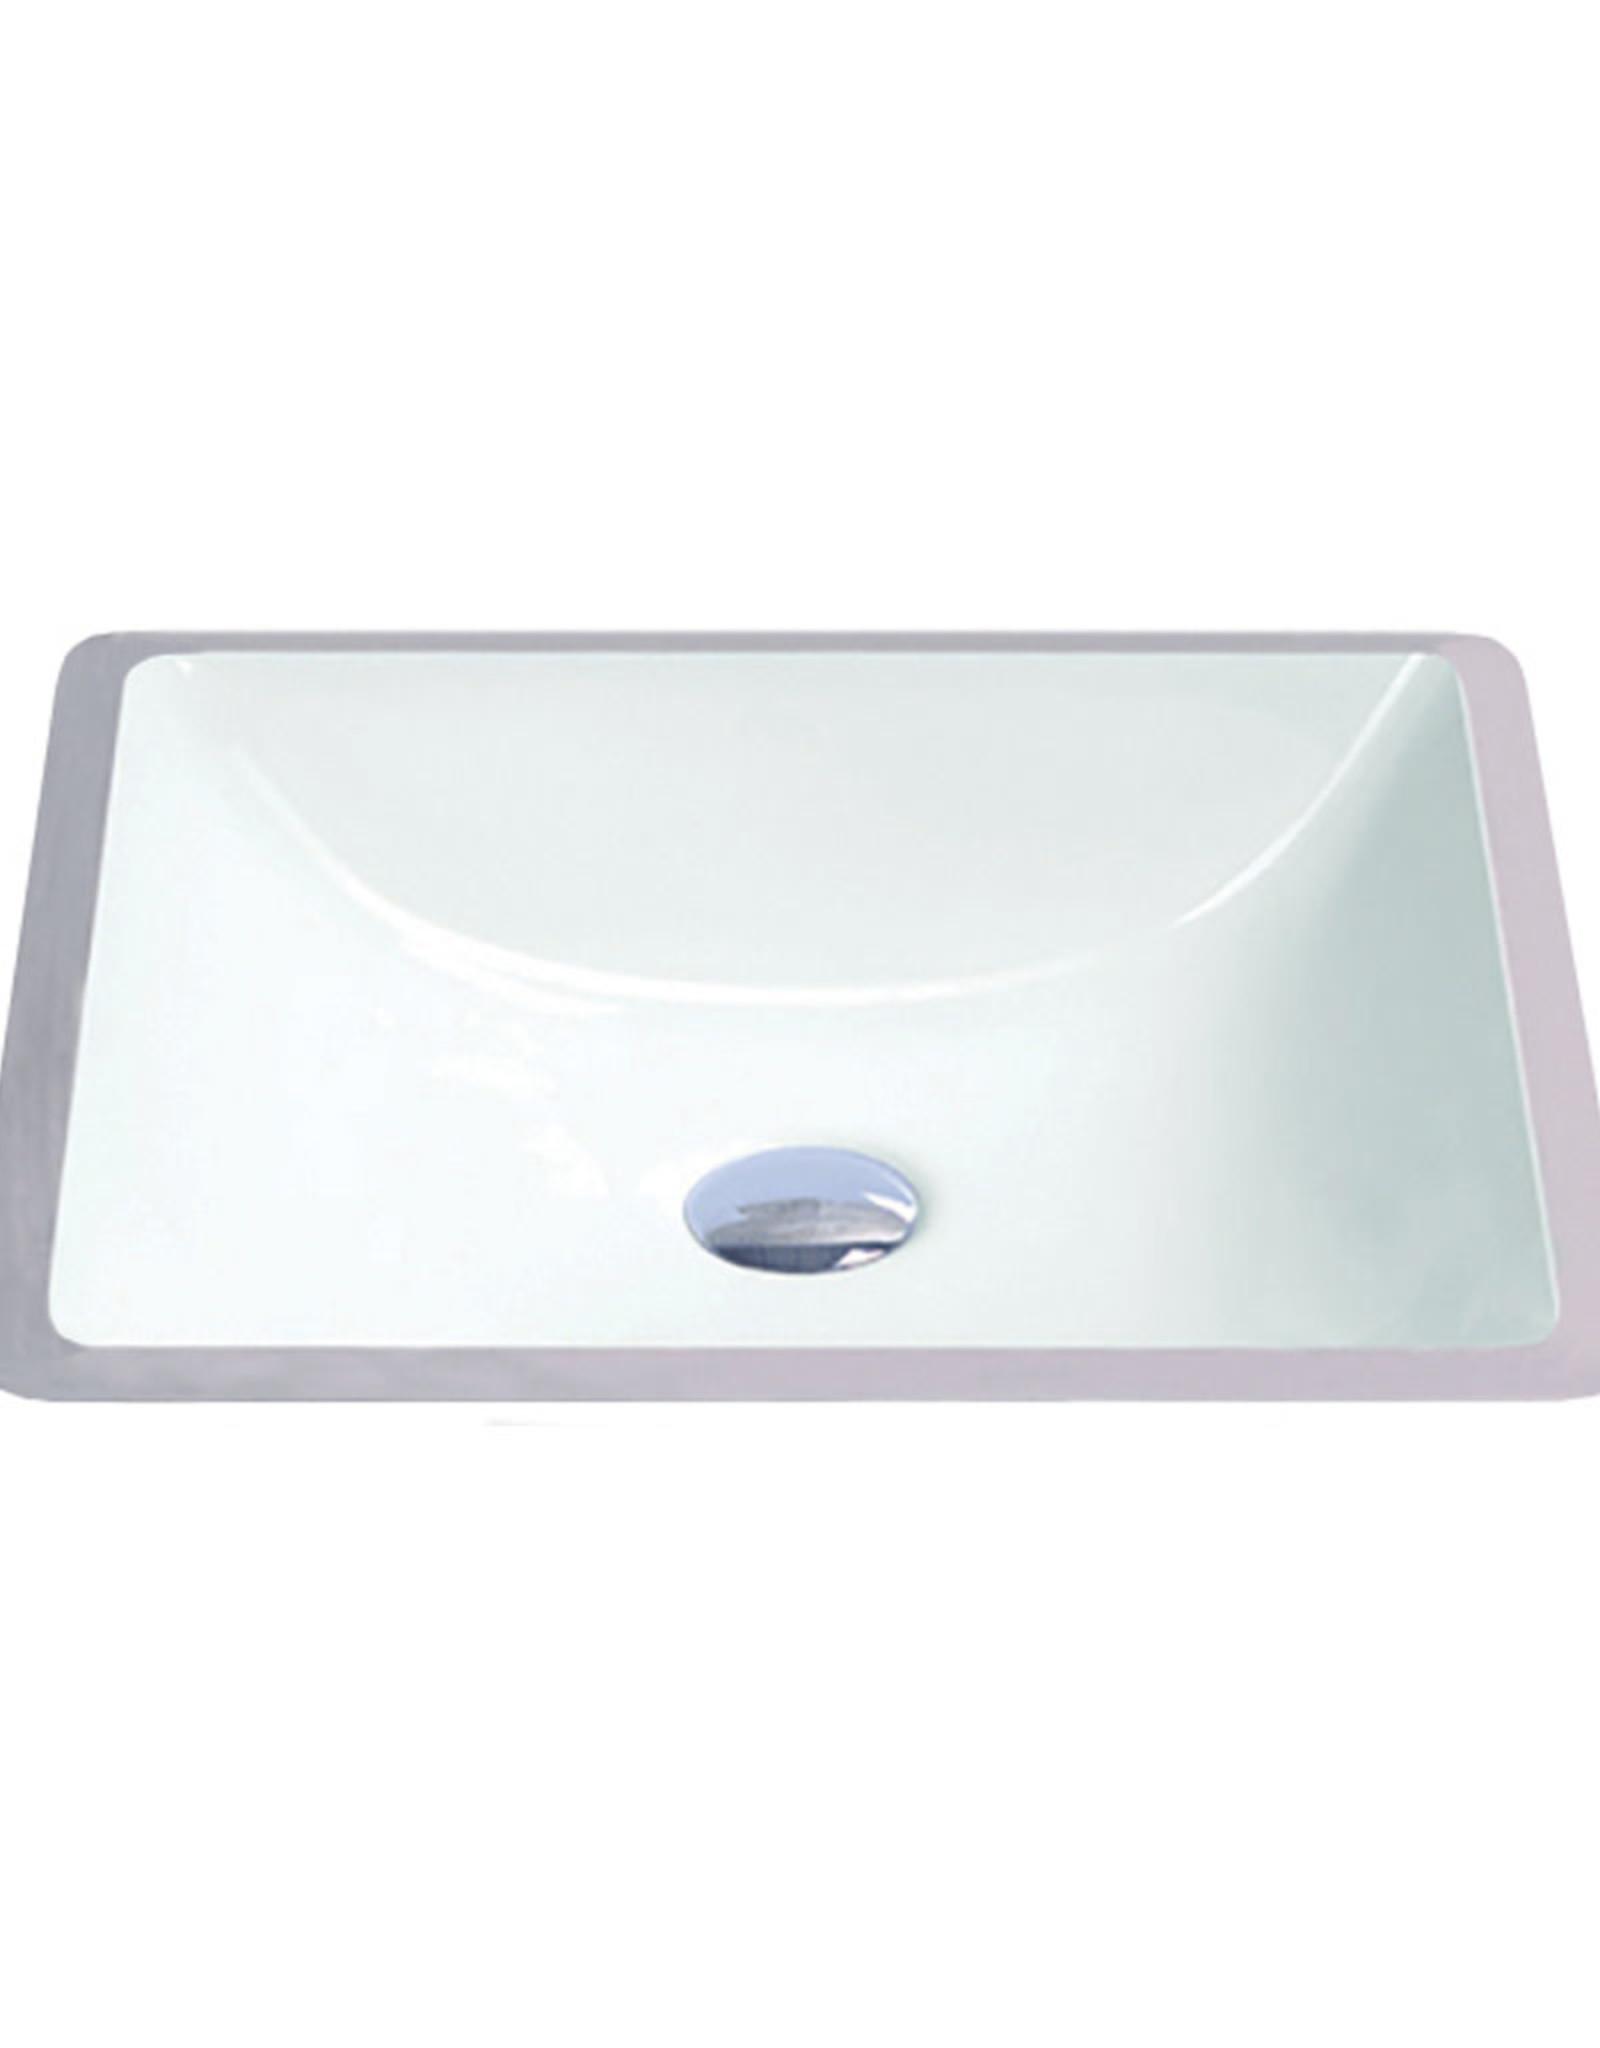 Vogt Hofen Undermount White Lav Sink